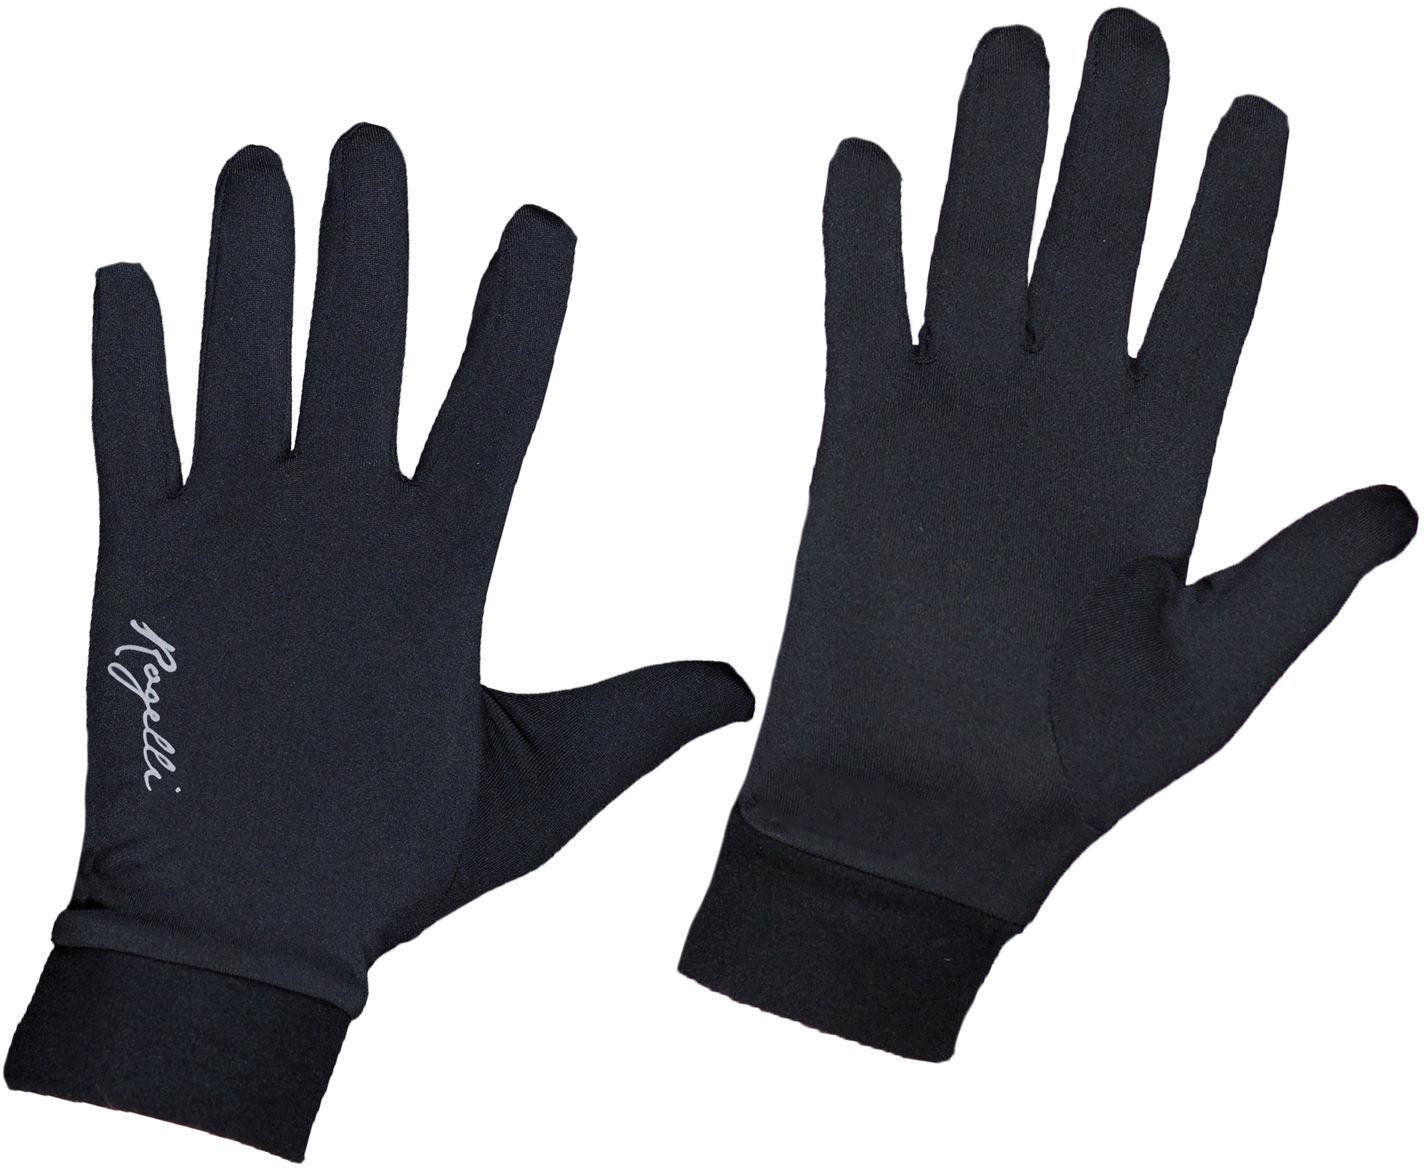 ROGELLI RUN OAKLAND 890.009 rękawiczki do biegania czarne Rozmiar: L,890-009